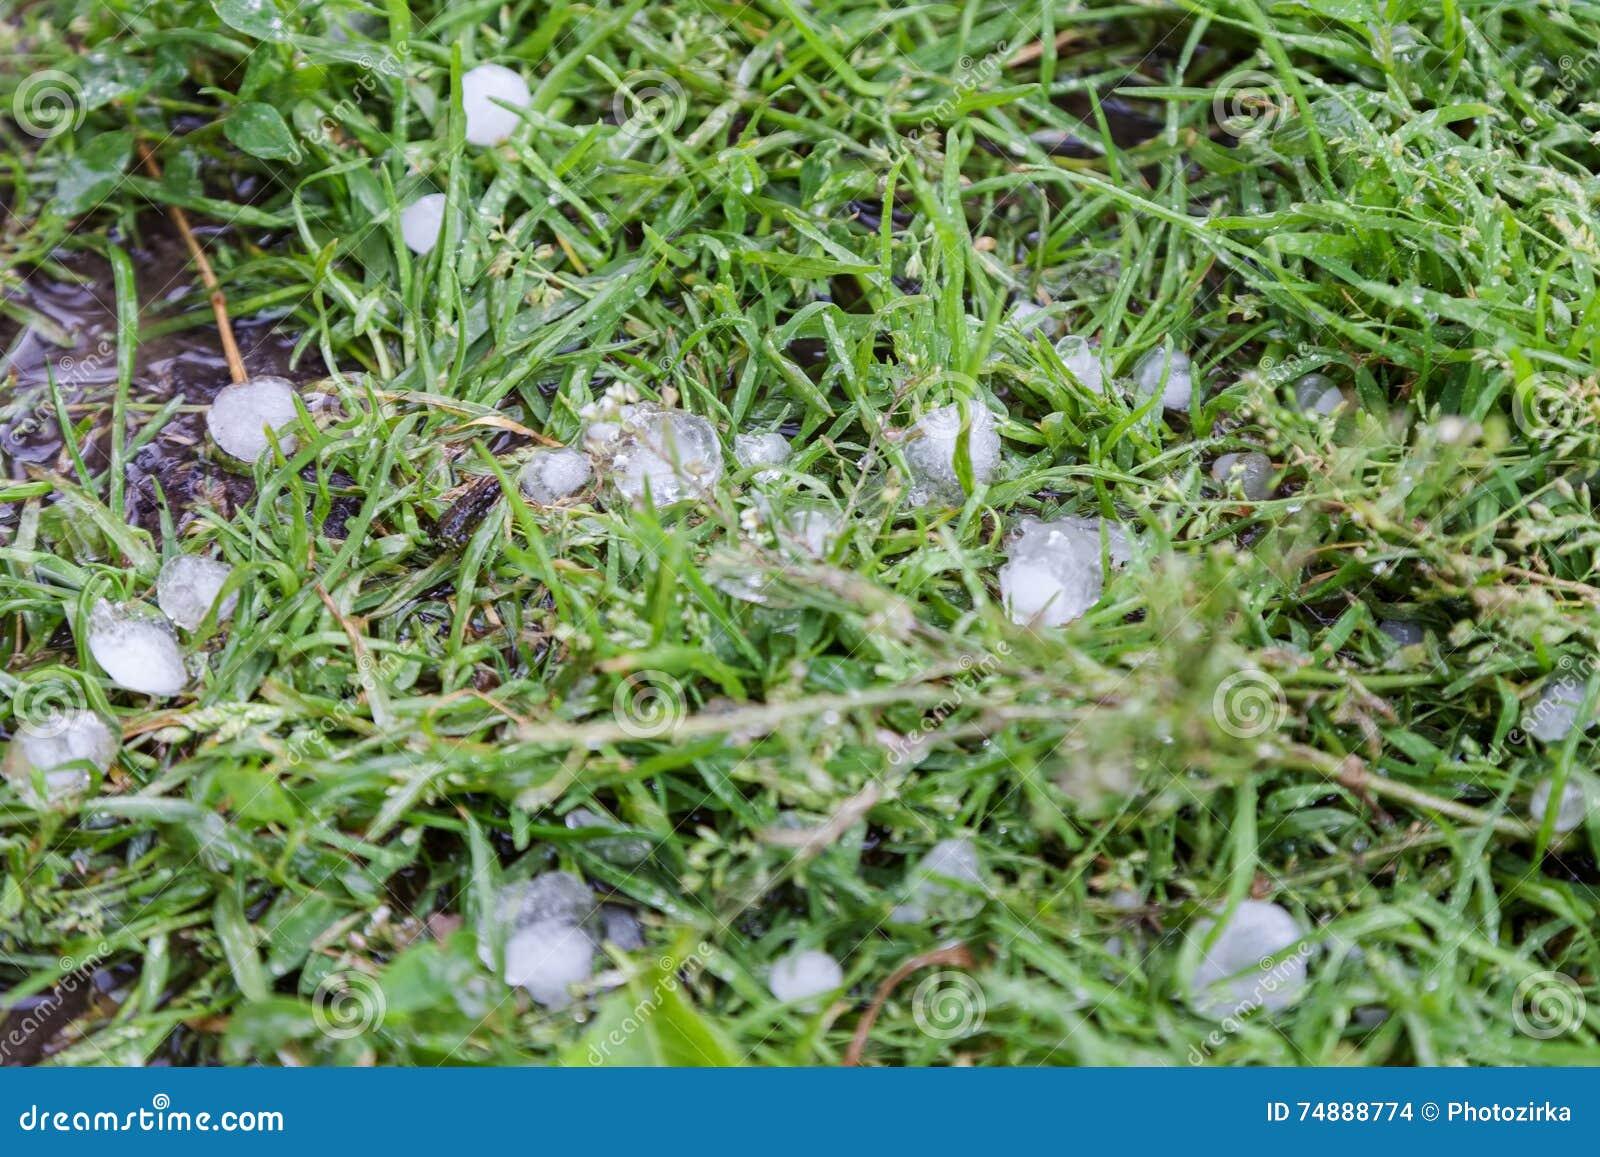 Gras In Tuin : Zo veel dorst heeft uw tuin moeten we ons gras wel besproei